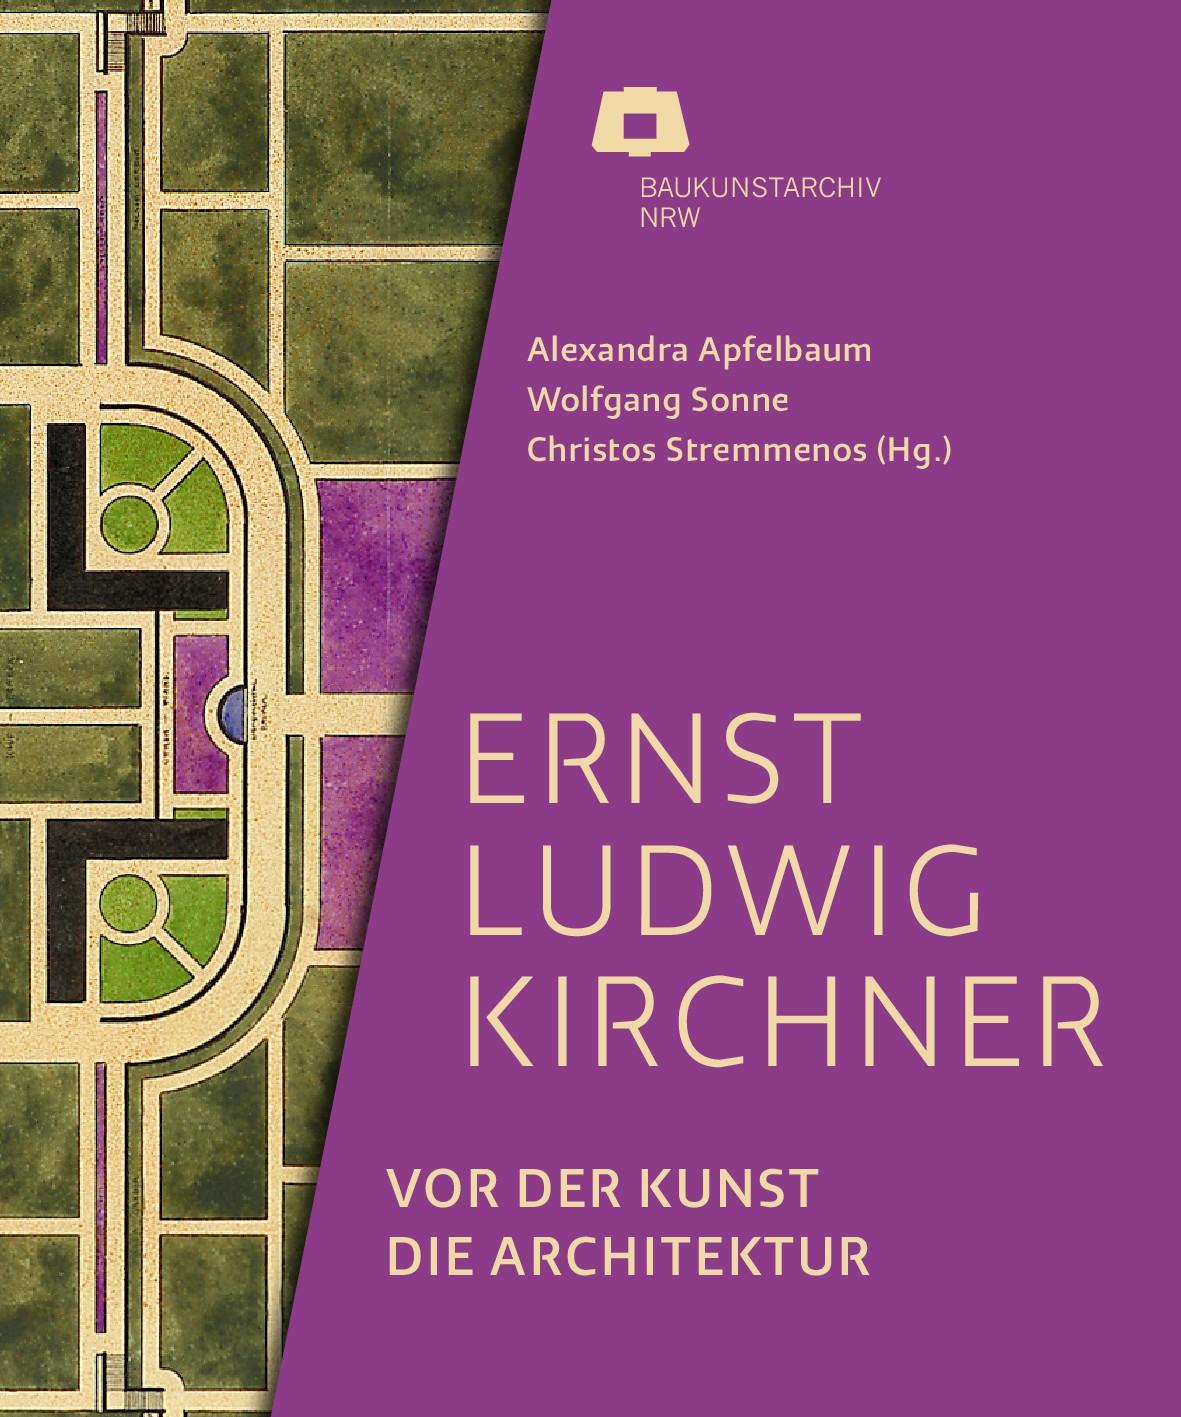 Ernst Ludwig Kirchner Katalog Cover